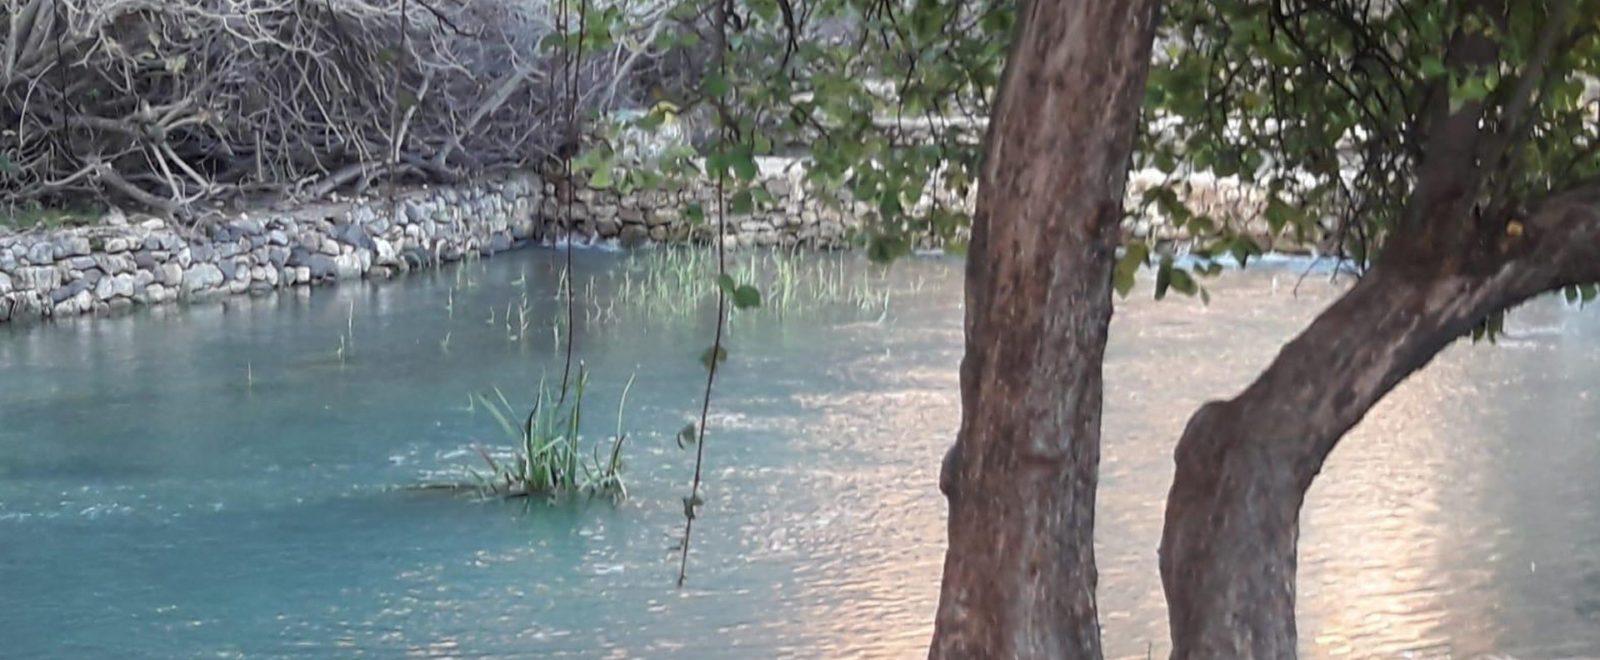 Banias National Park